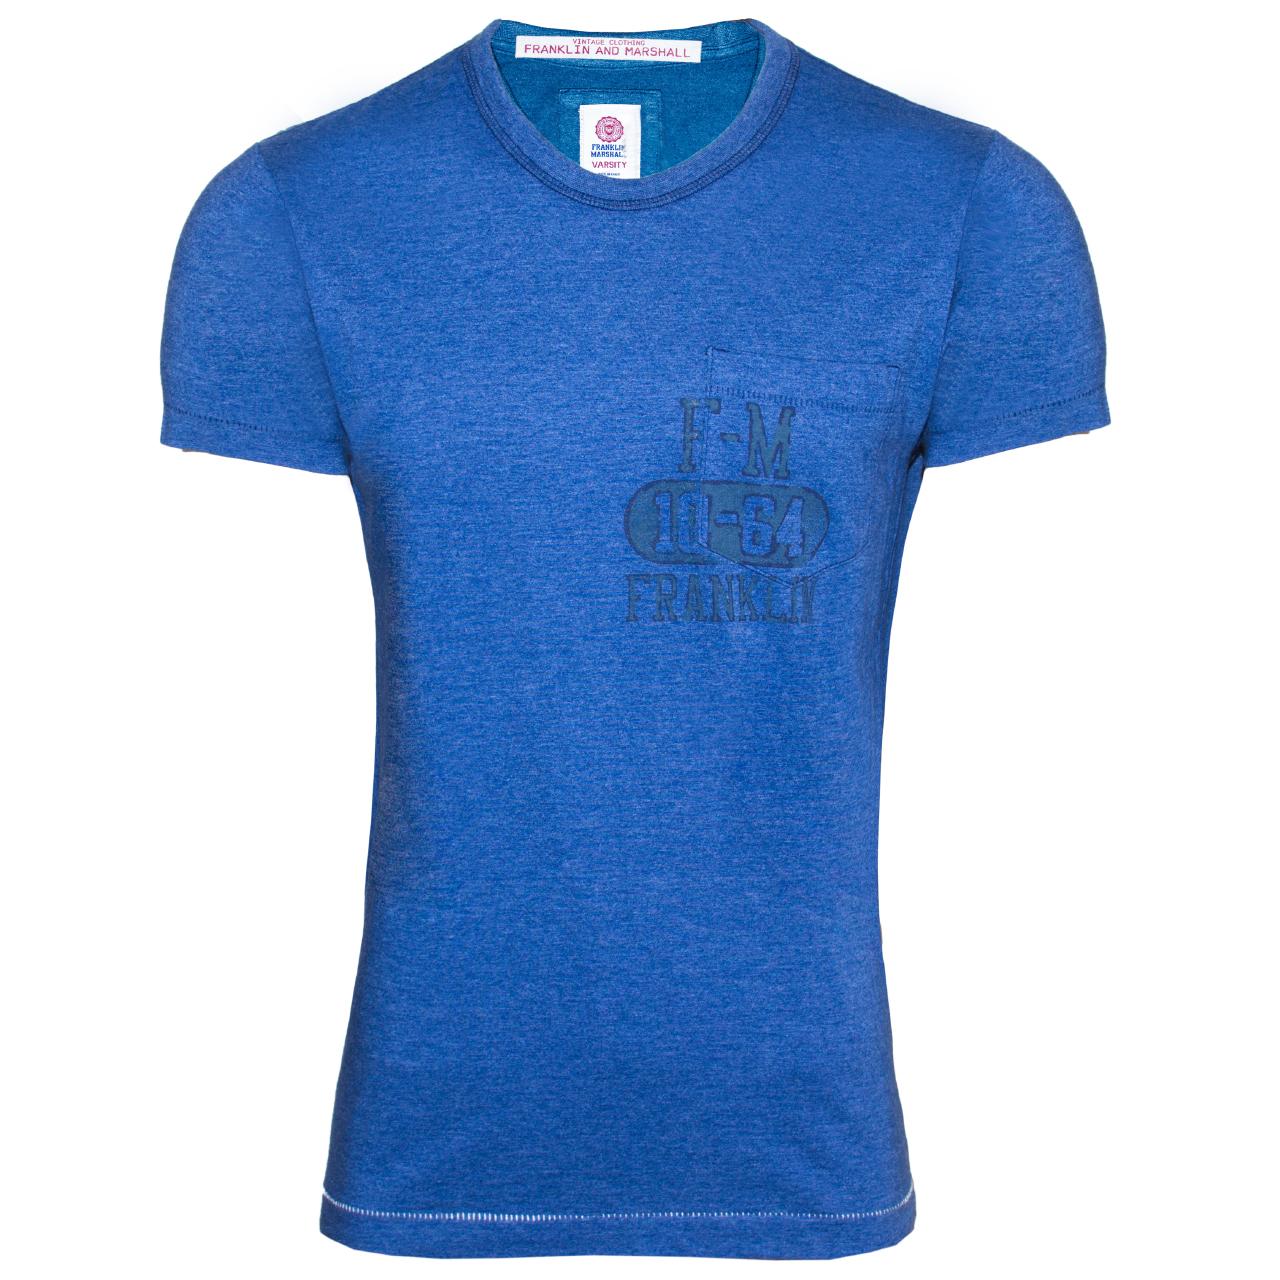 قیمت تی شرت مردانه فرانکلین مارشال مدل جرزی کد 123D